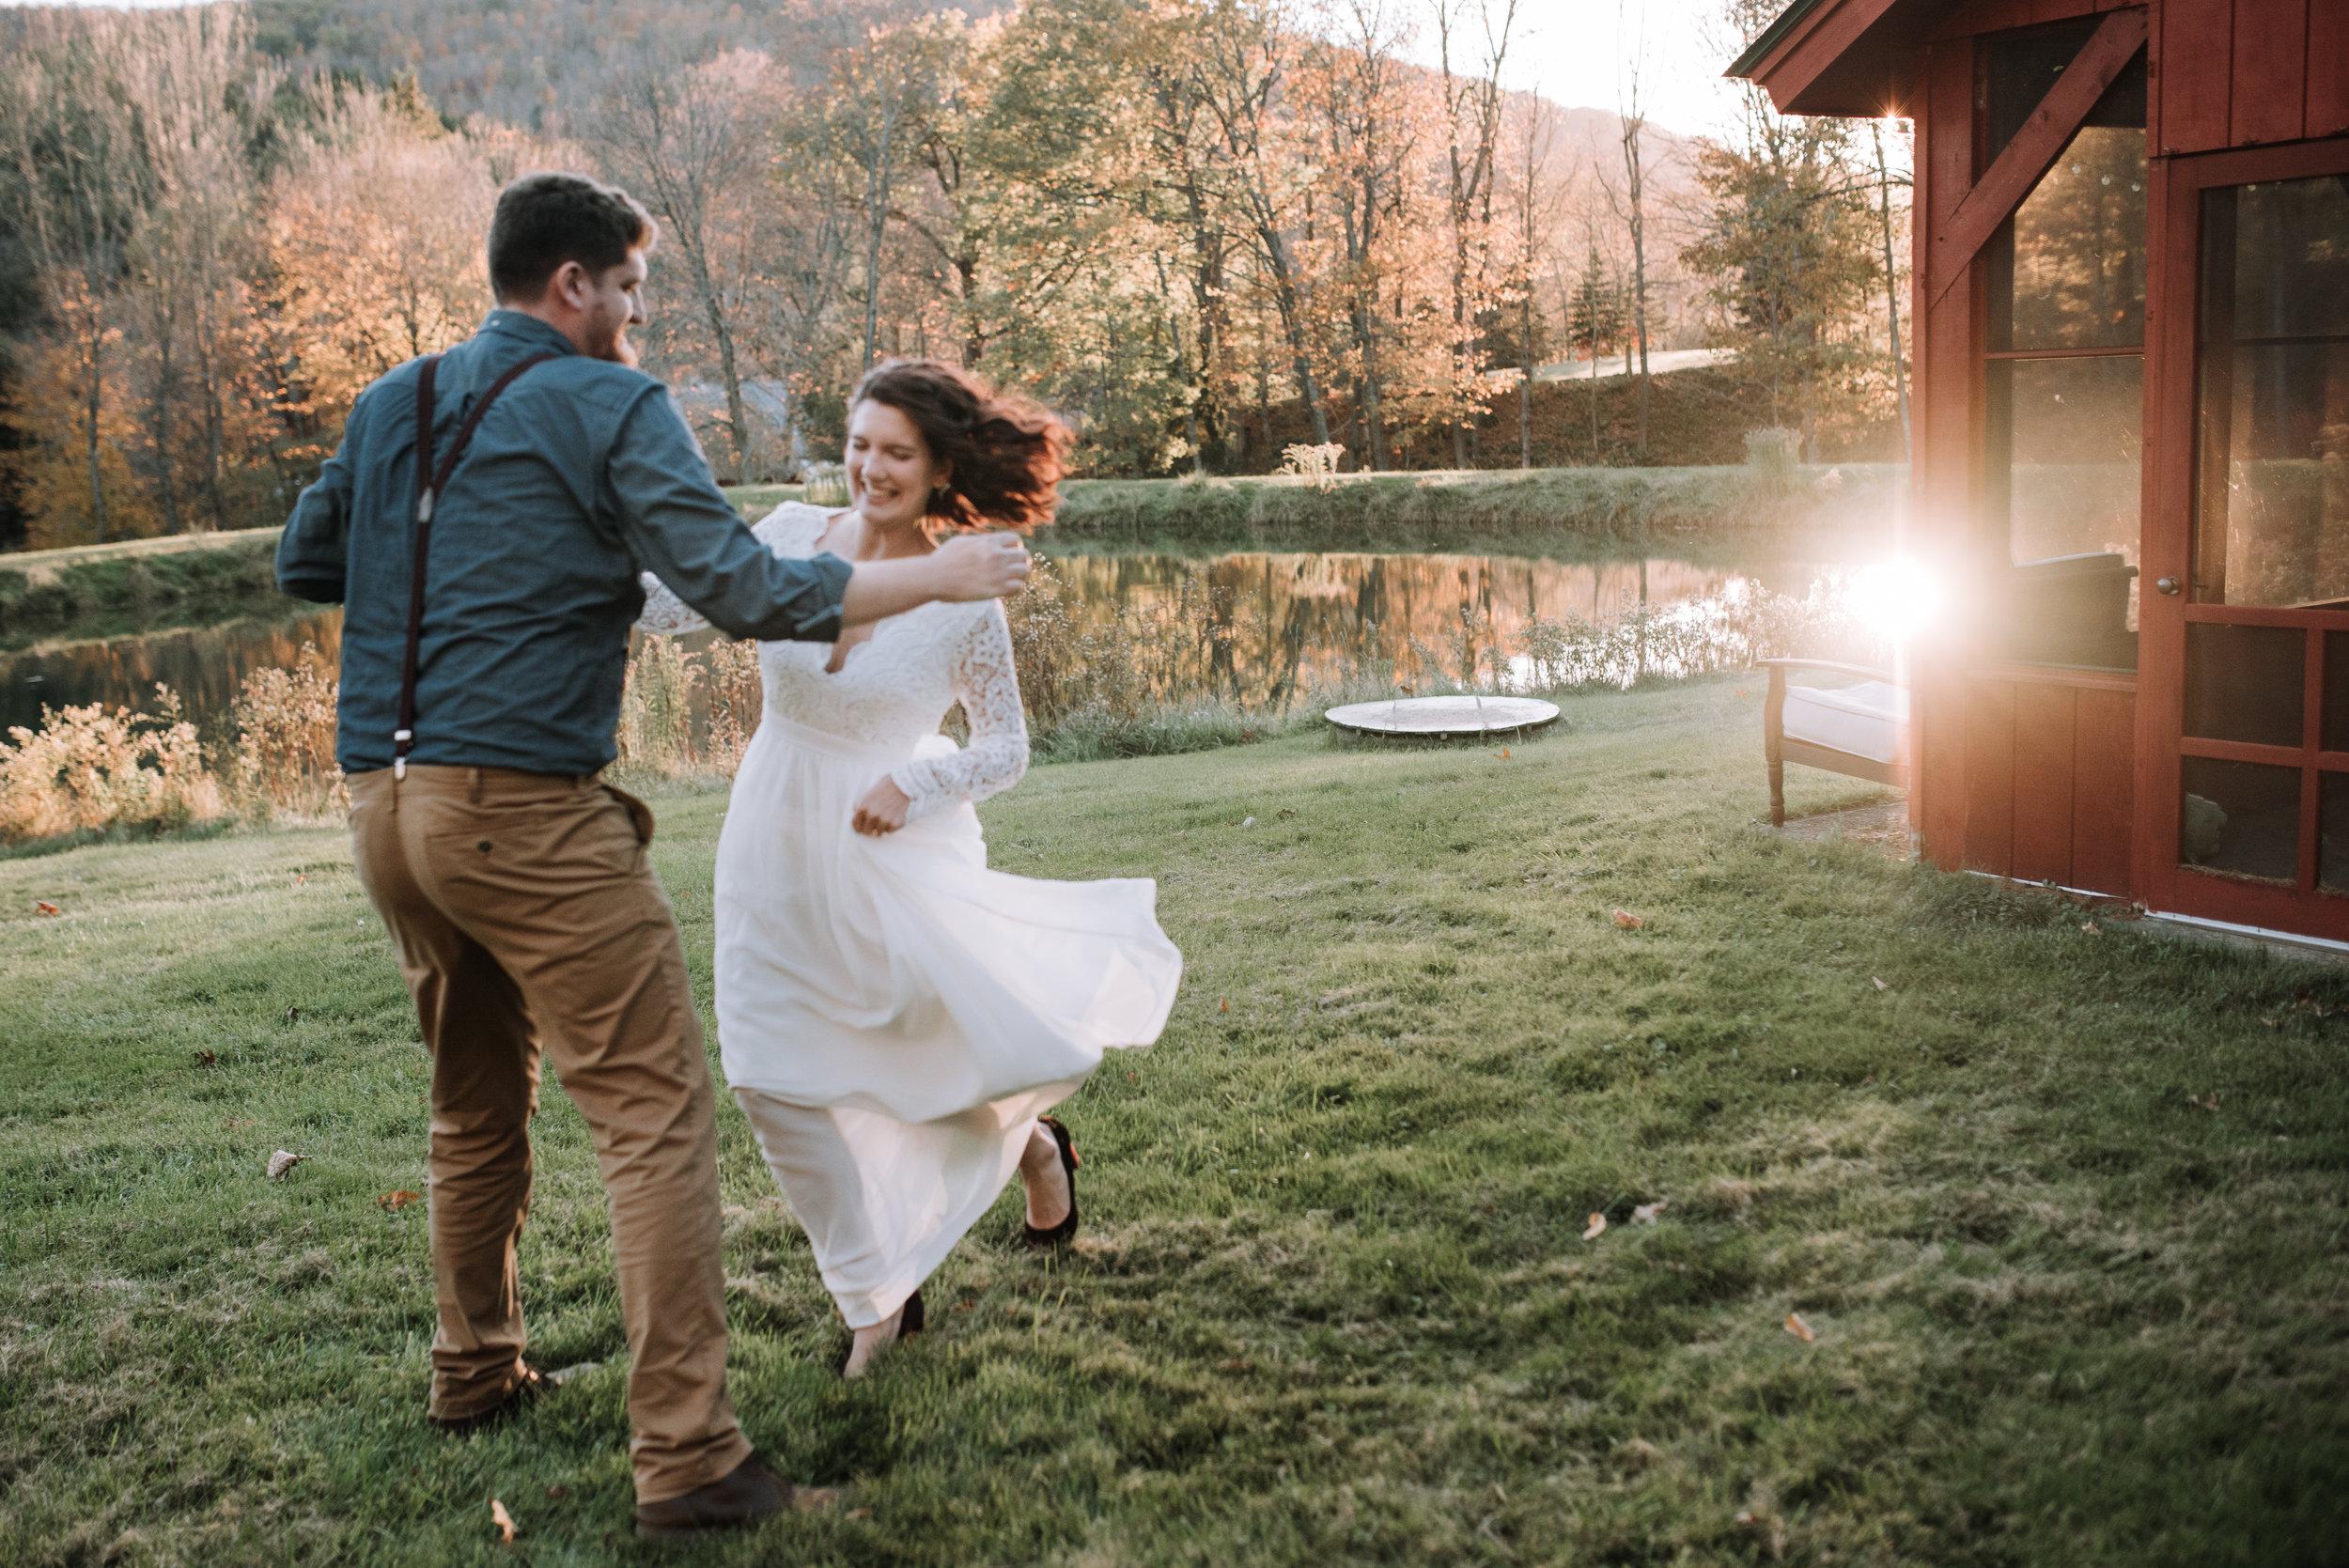 LUV LENS_WEDDING_GABBIE GARY SMALL-48.jpg